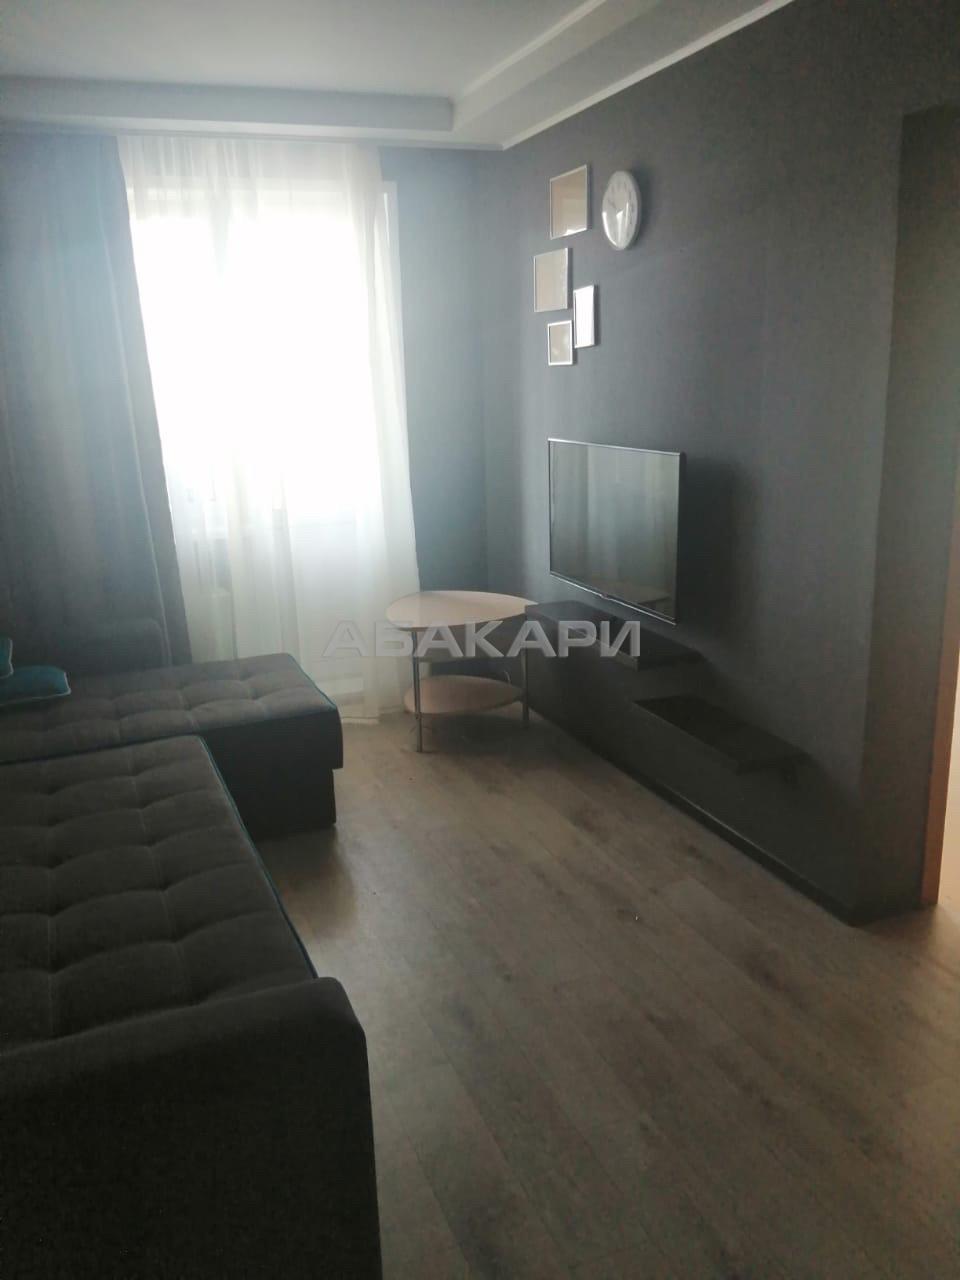 2к квартира Соколовская улица, 74 | 18000 | аренда в Красноярске фото 1